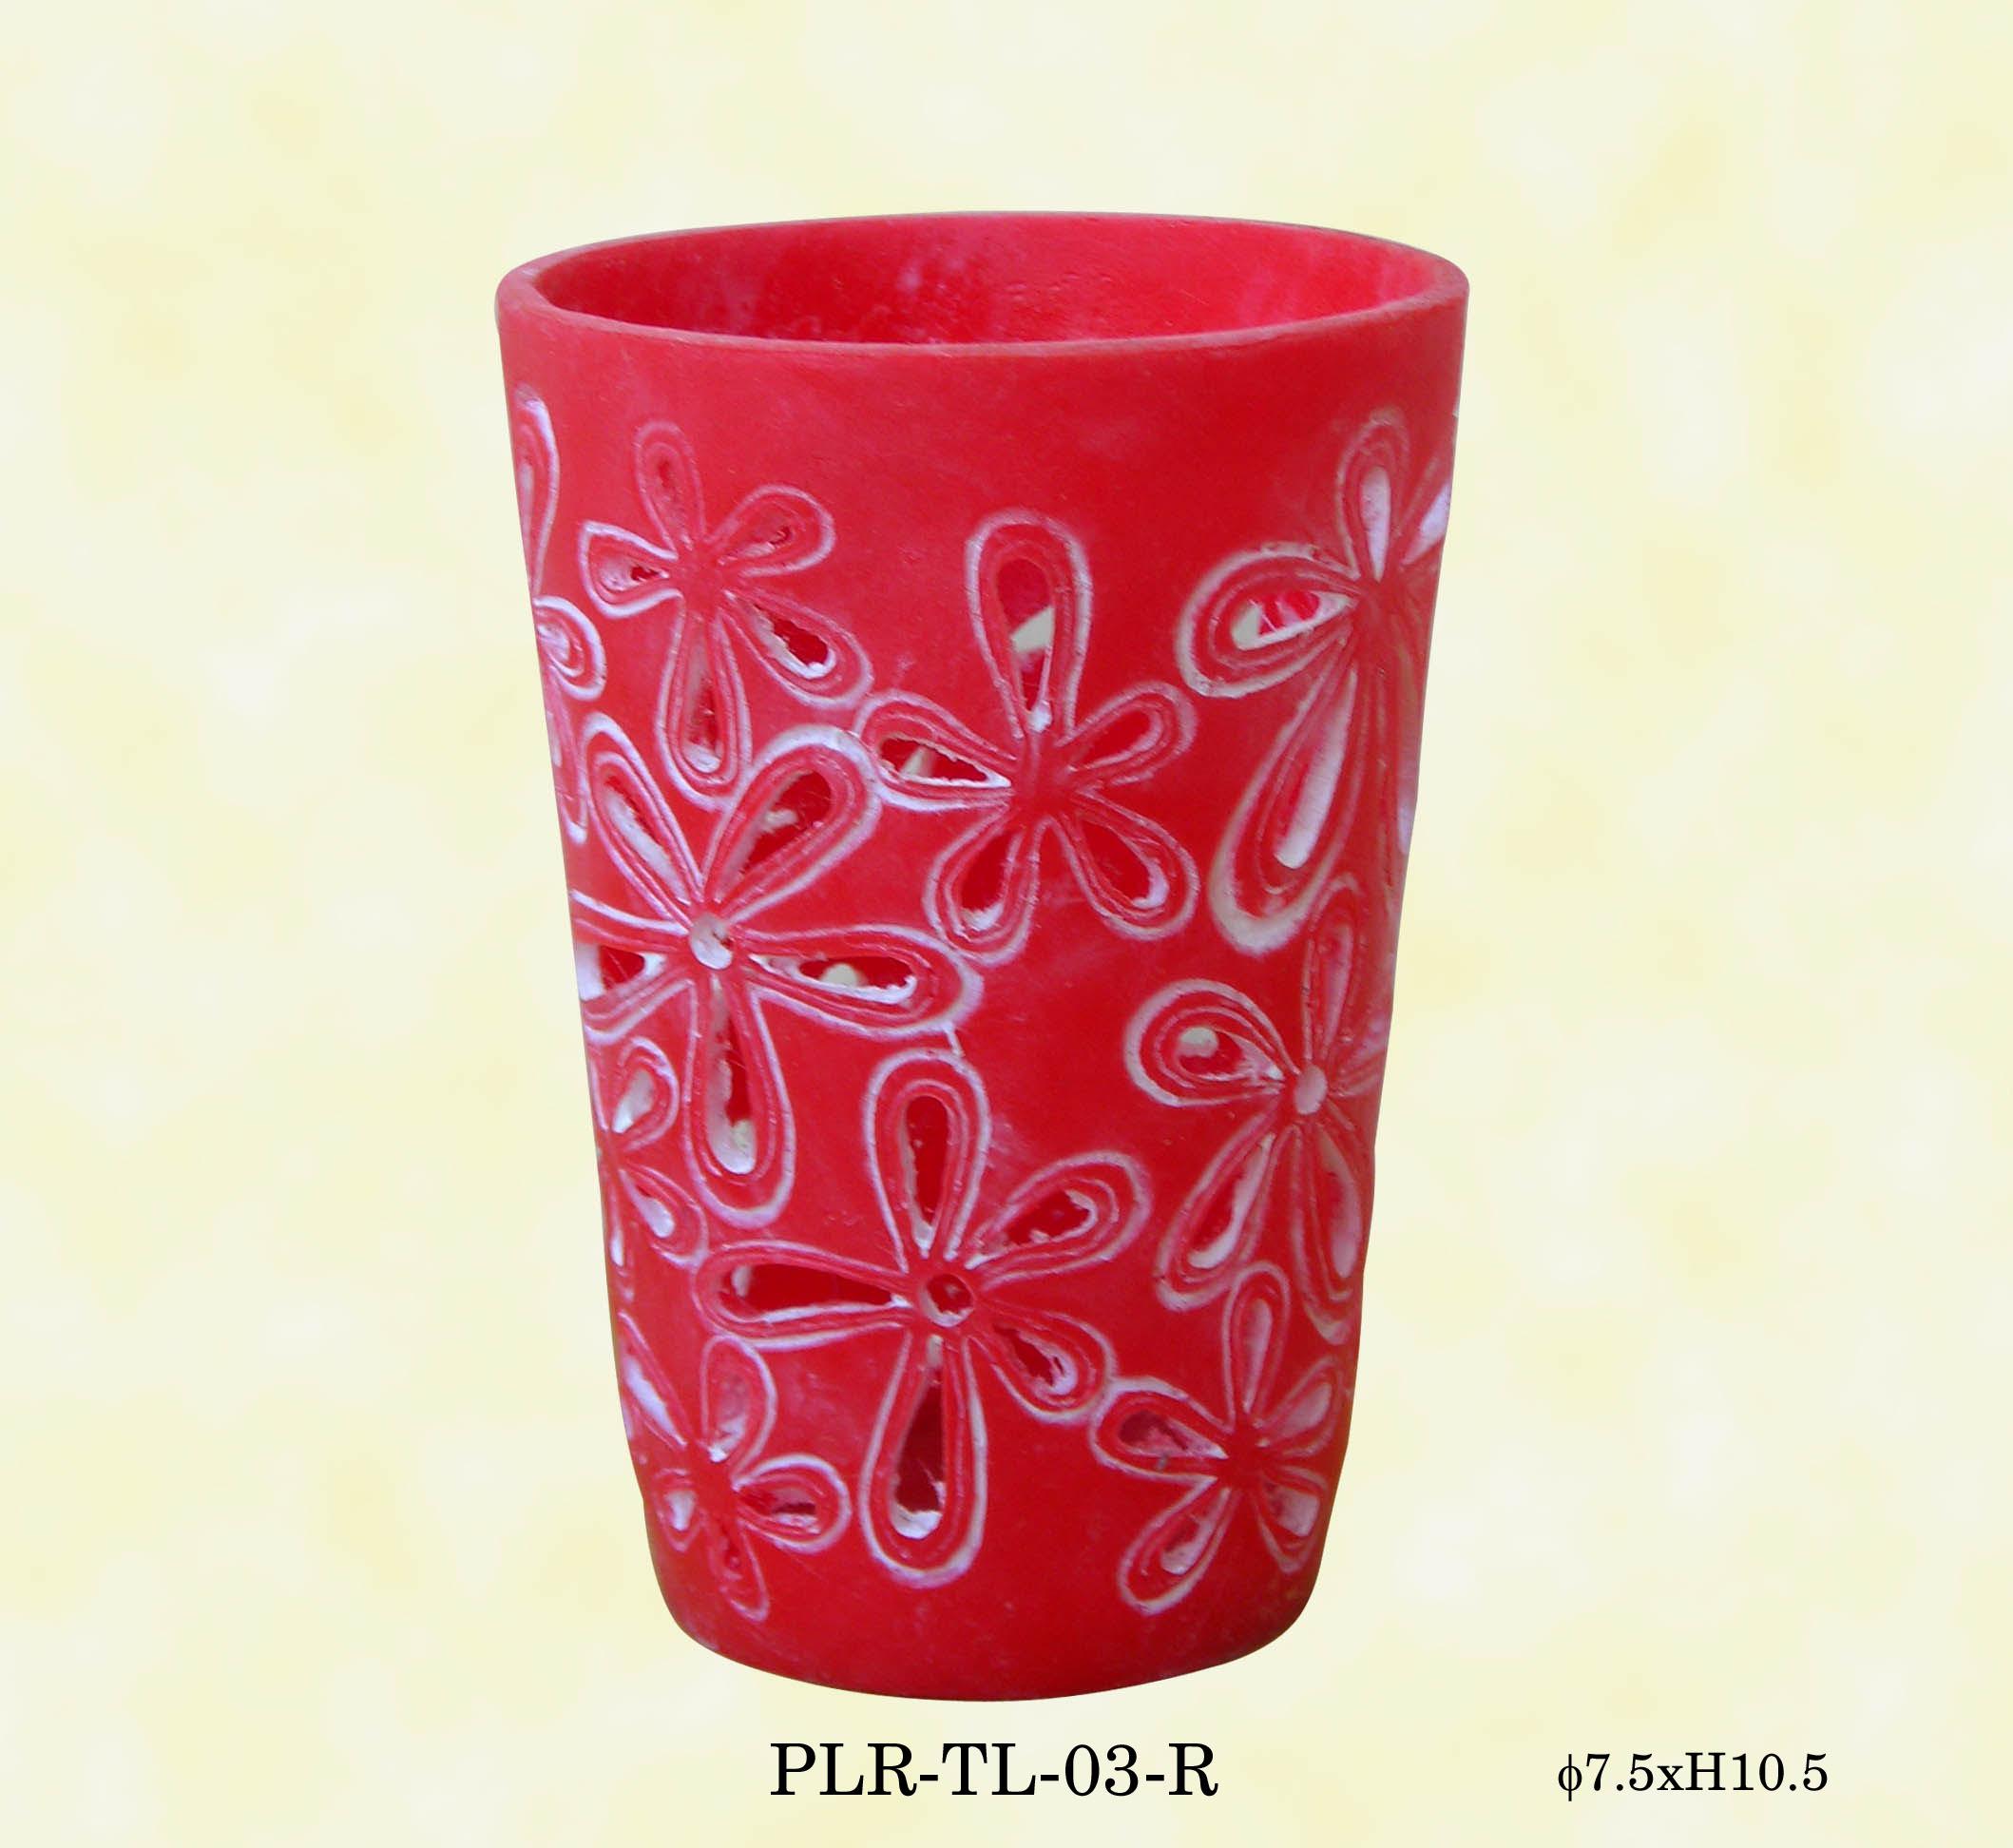 PLR-TL-03 Red.jpg